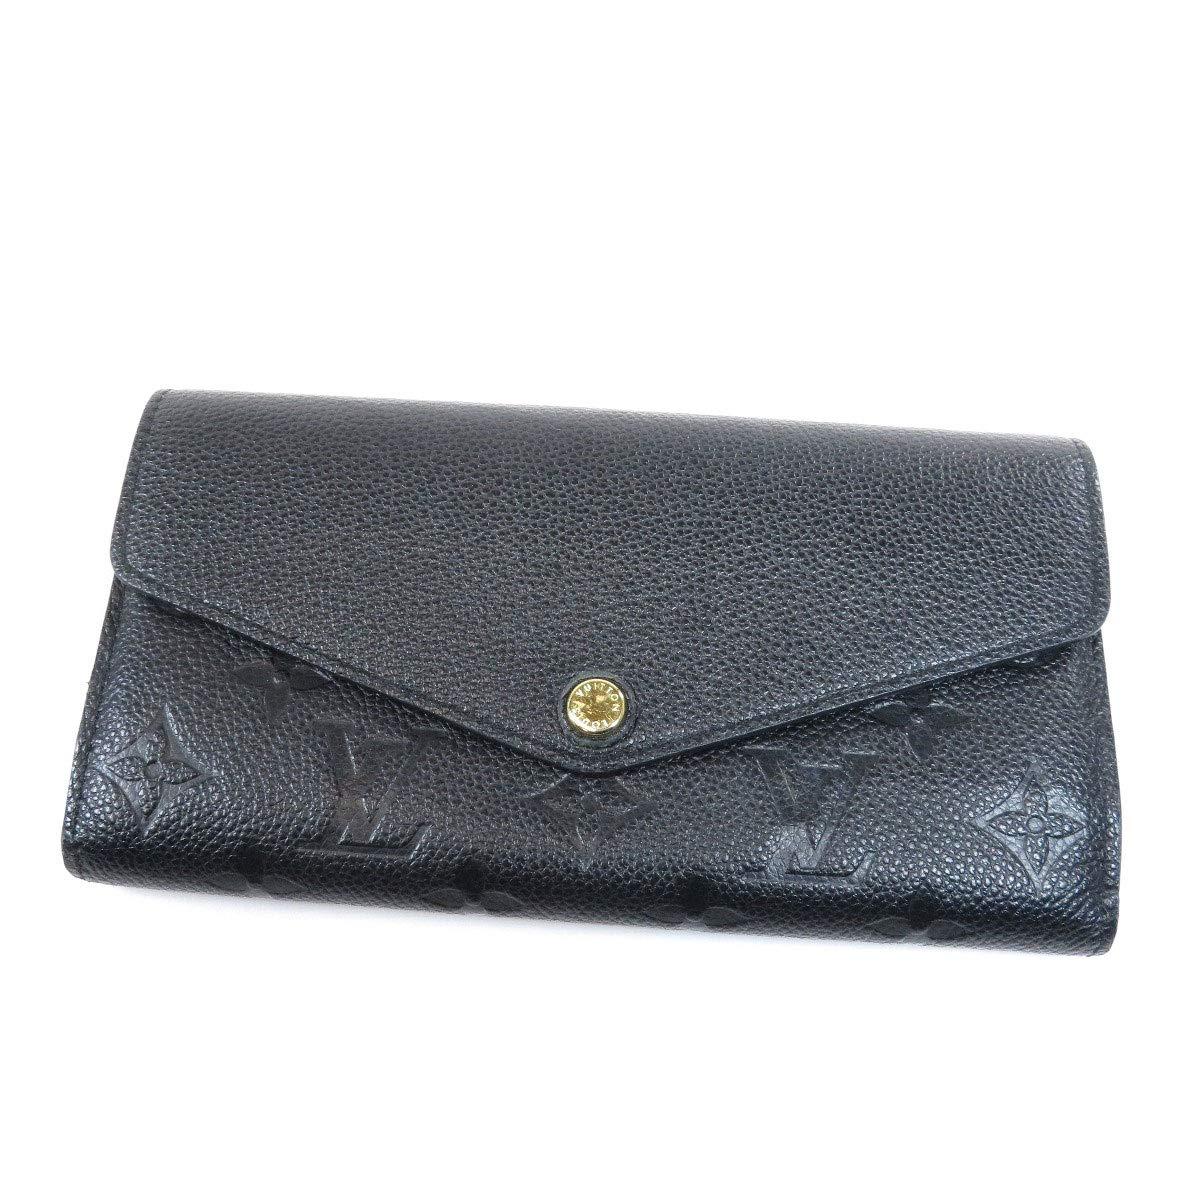 [ルイヴィトン]ポルトフォイユサラ 長財布(小銭入れあり) アンプラント レディース (中古) B07KPV4CRK